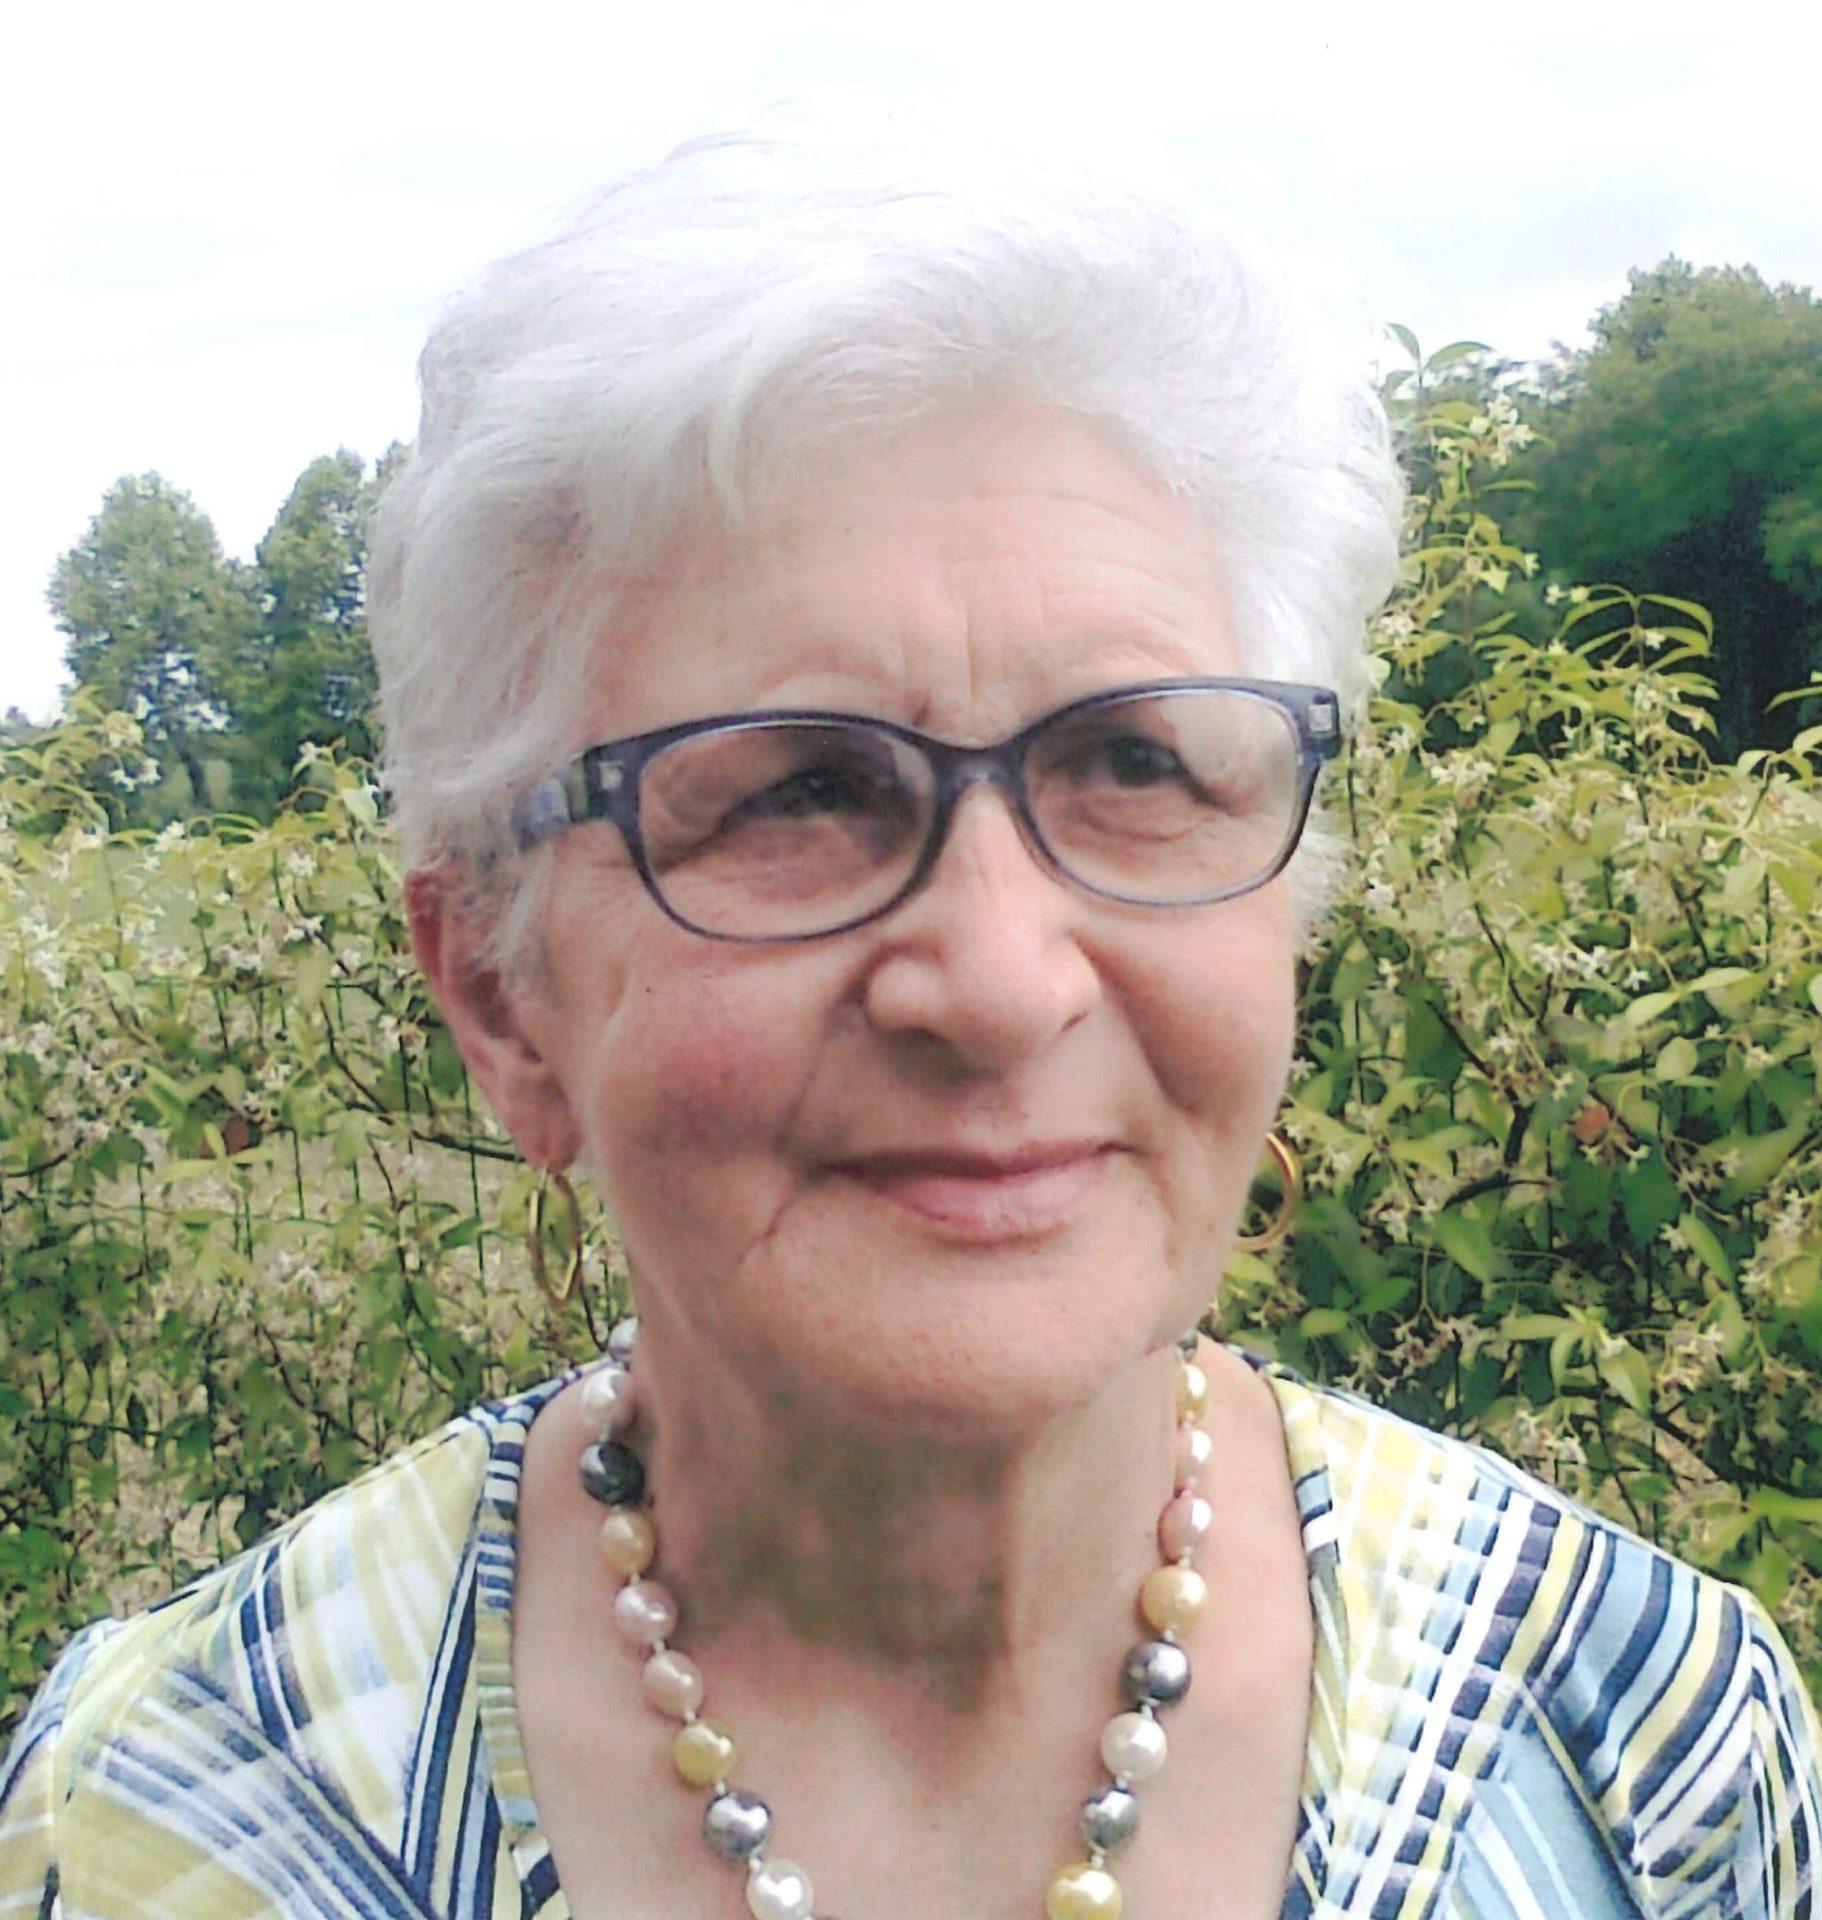 Graziana Saccomano ved. Micelli